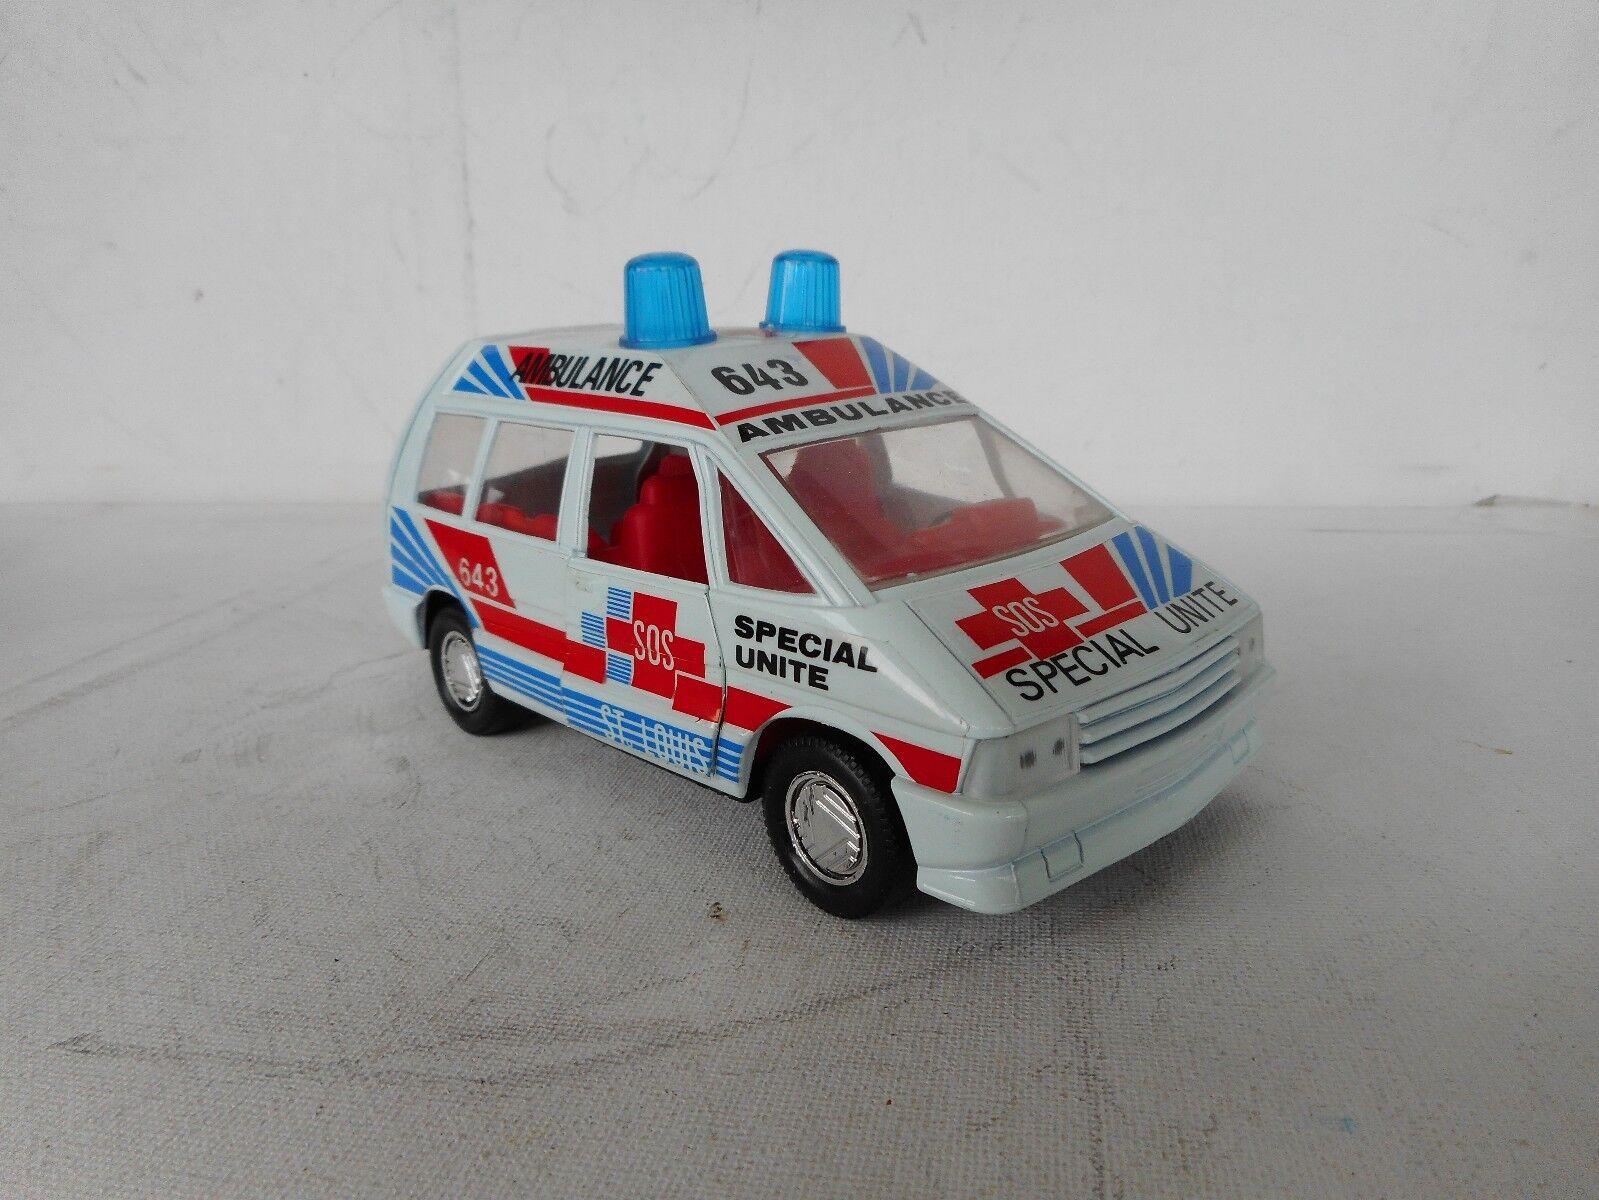 Mira spanien vintage renault espace 1  25 - skala krankenwagen, sehr guter zustand.